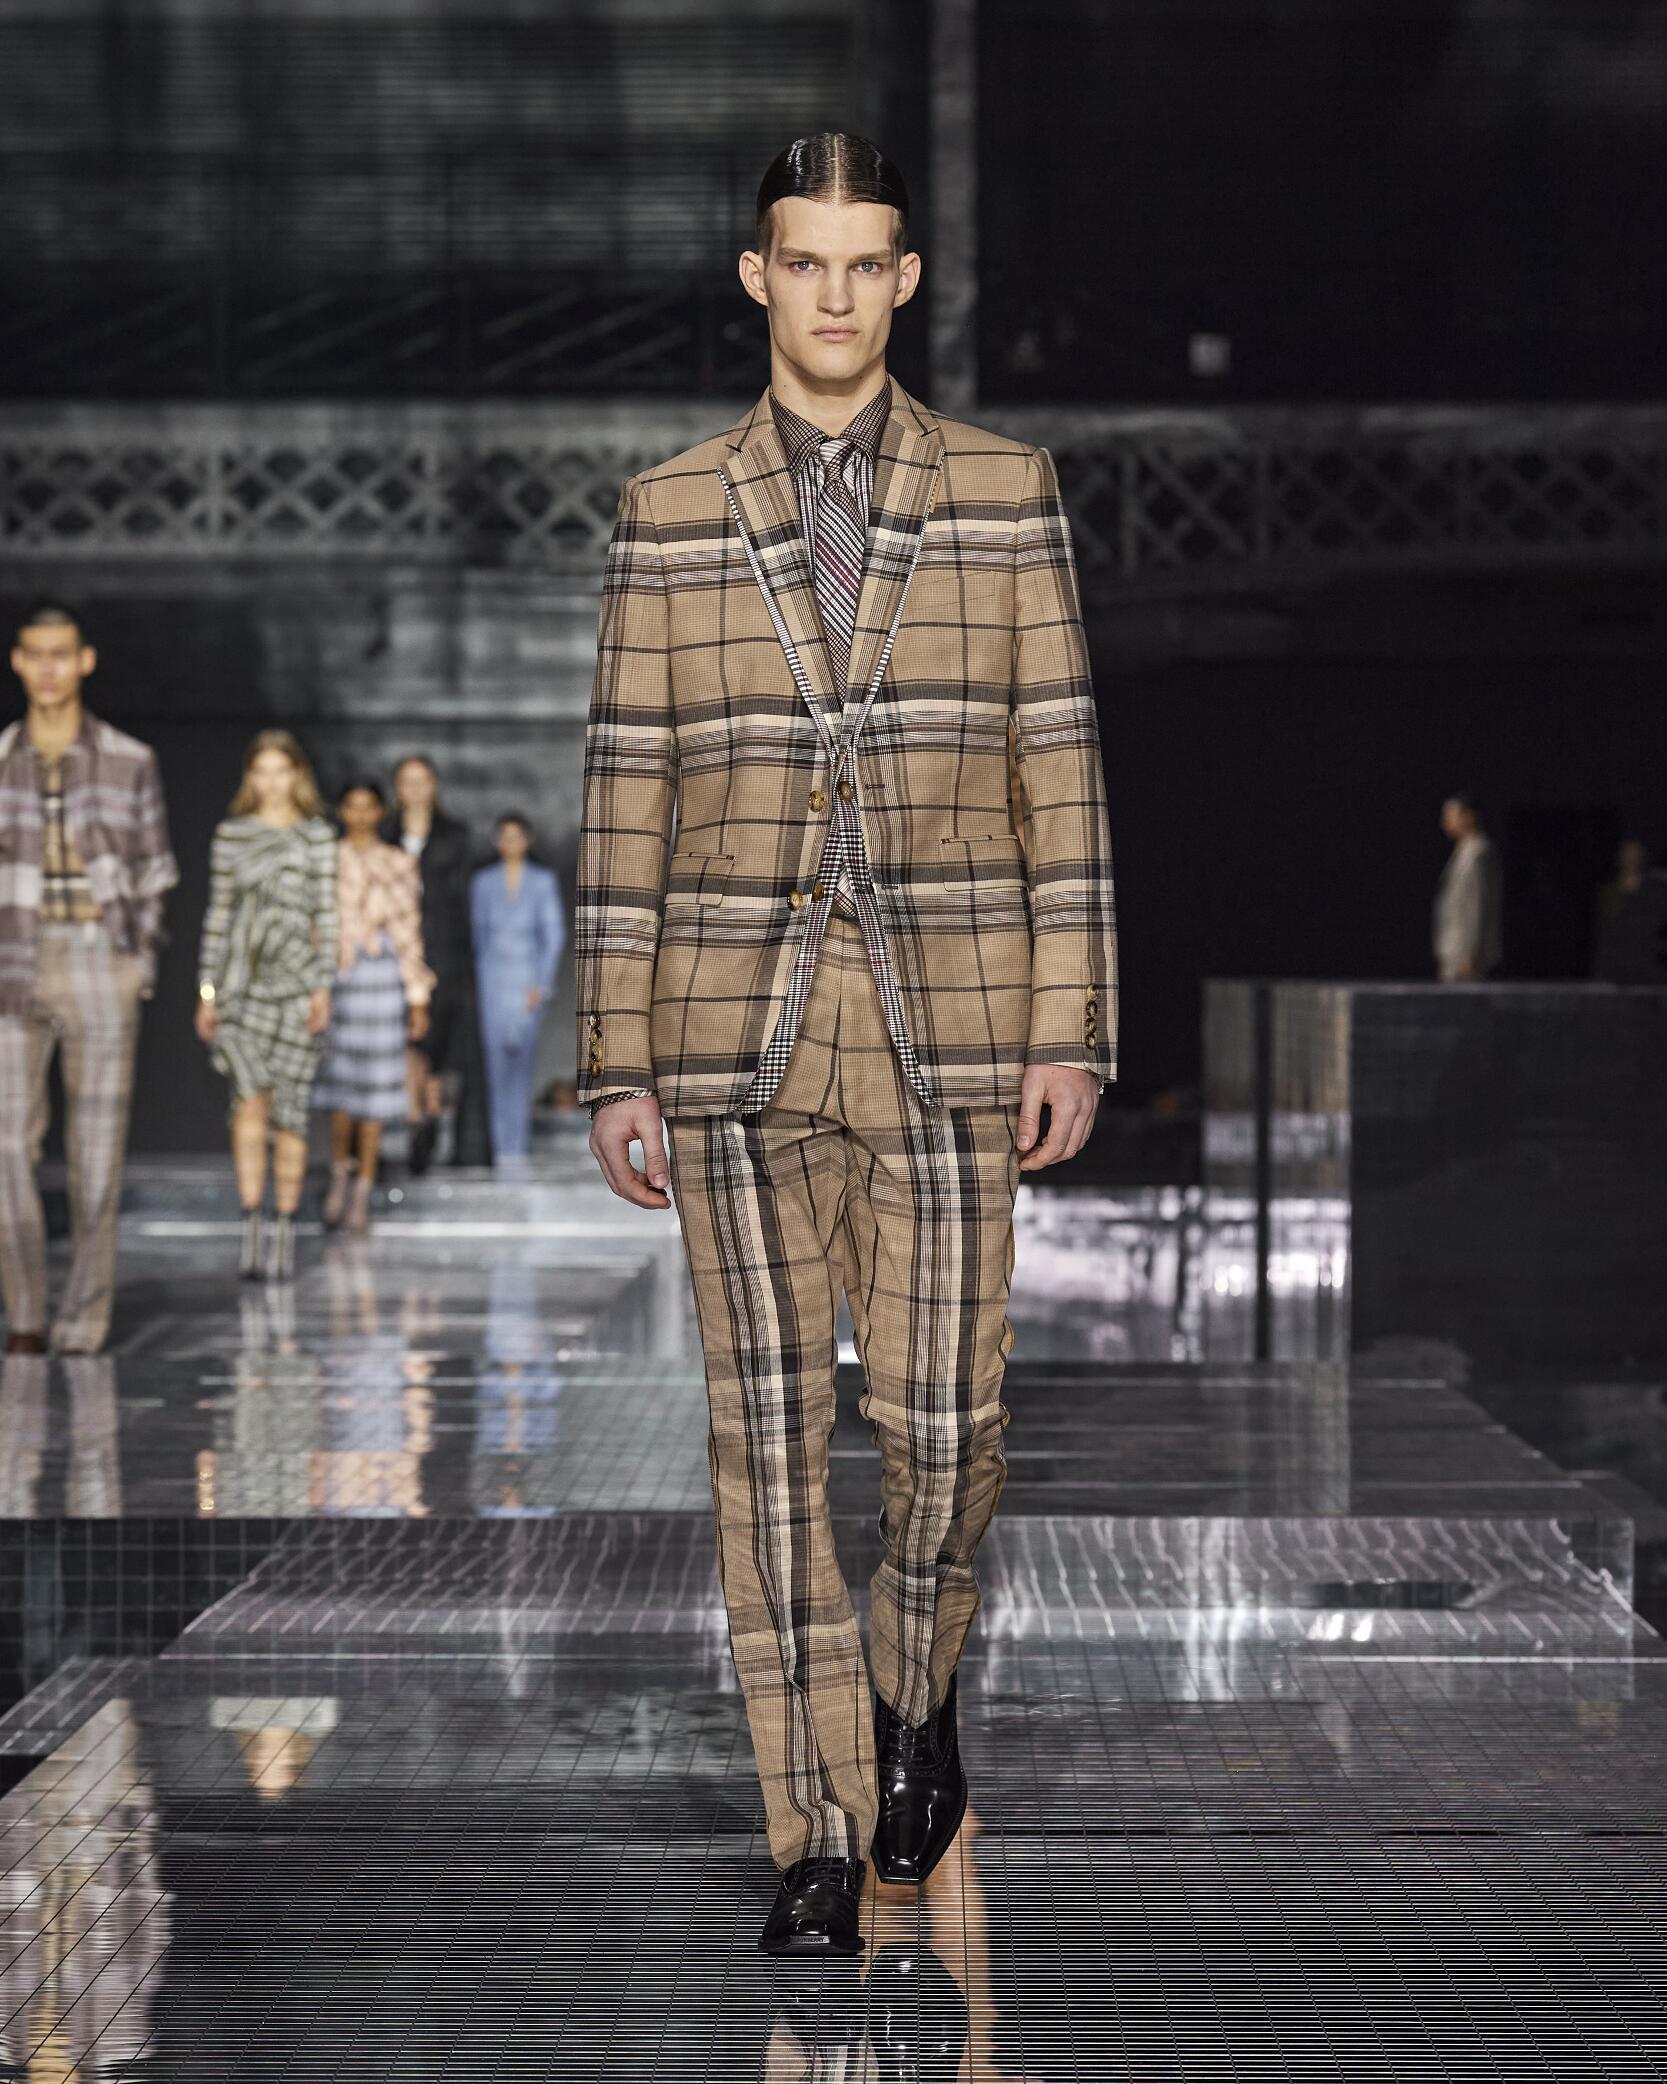 Burberry London Fashion Week Menswear Trends